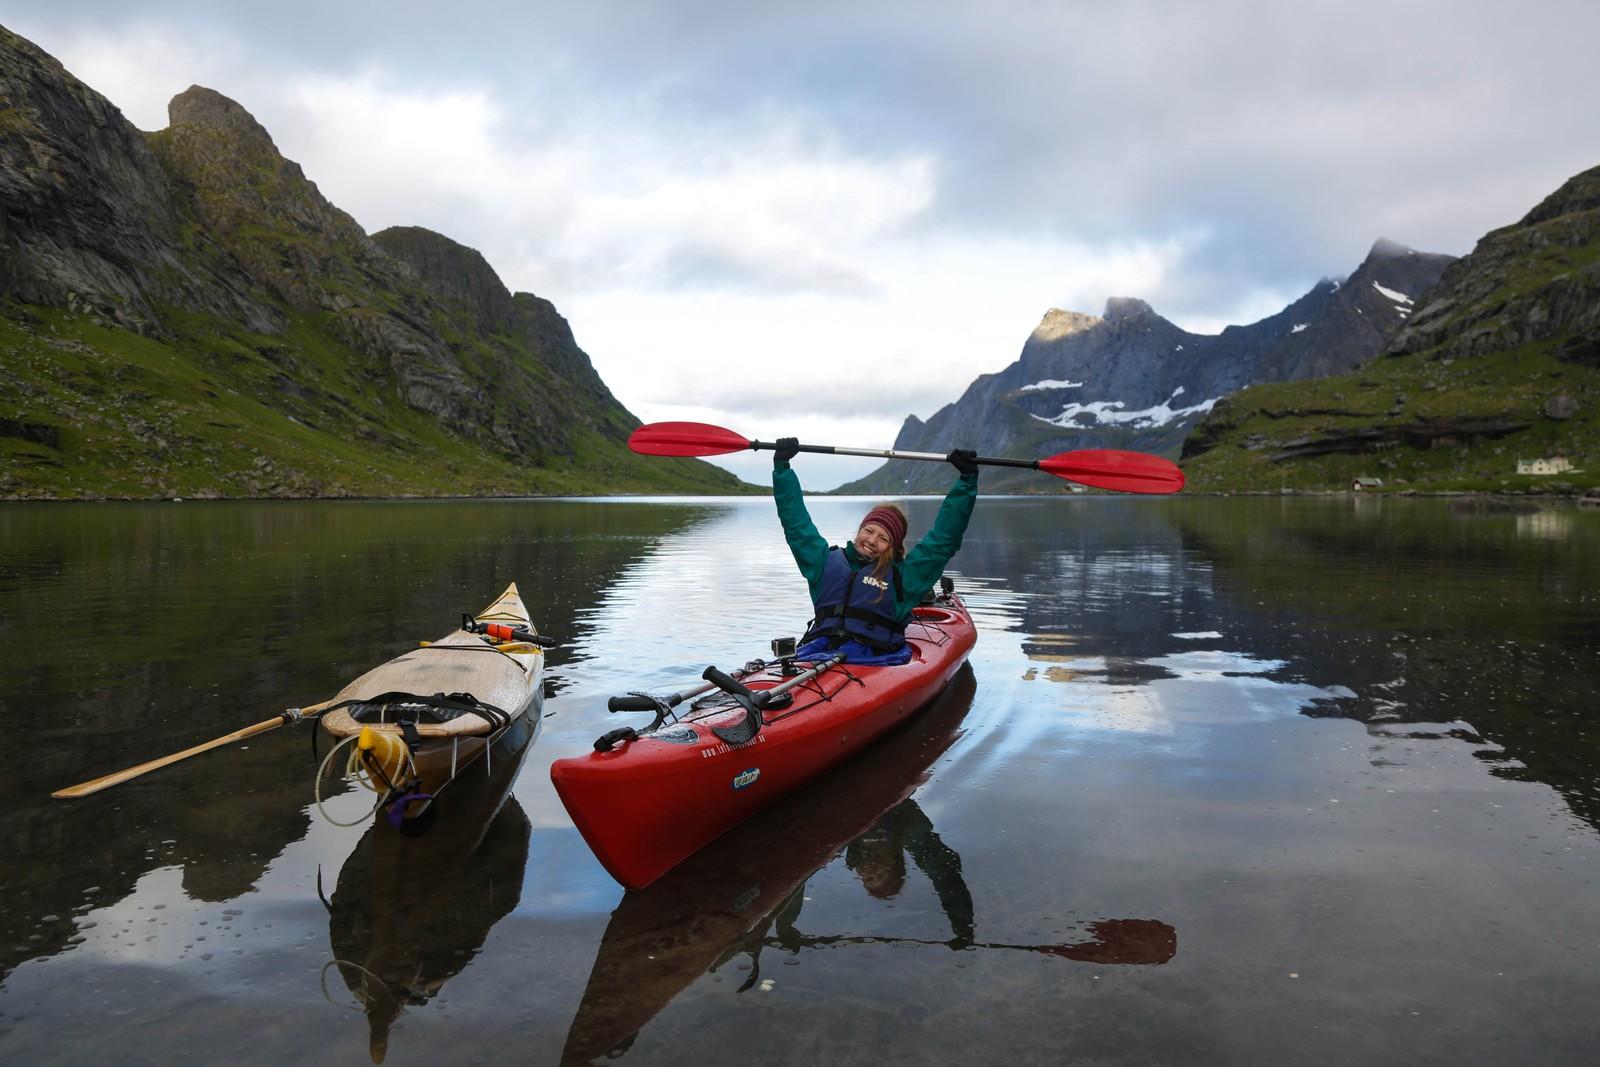 Søsknene har padlet inn Reinefjorden og skal gå over til Bunes. Katrine Wegge gikk turen på krykker(!).